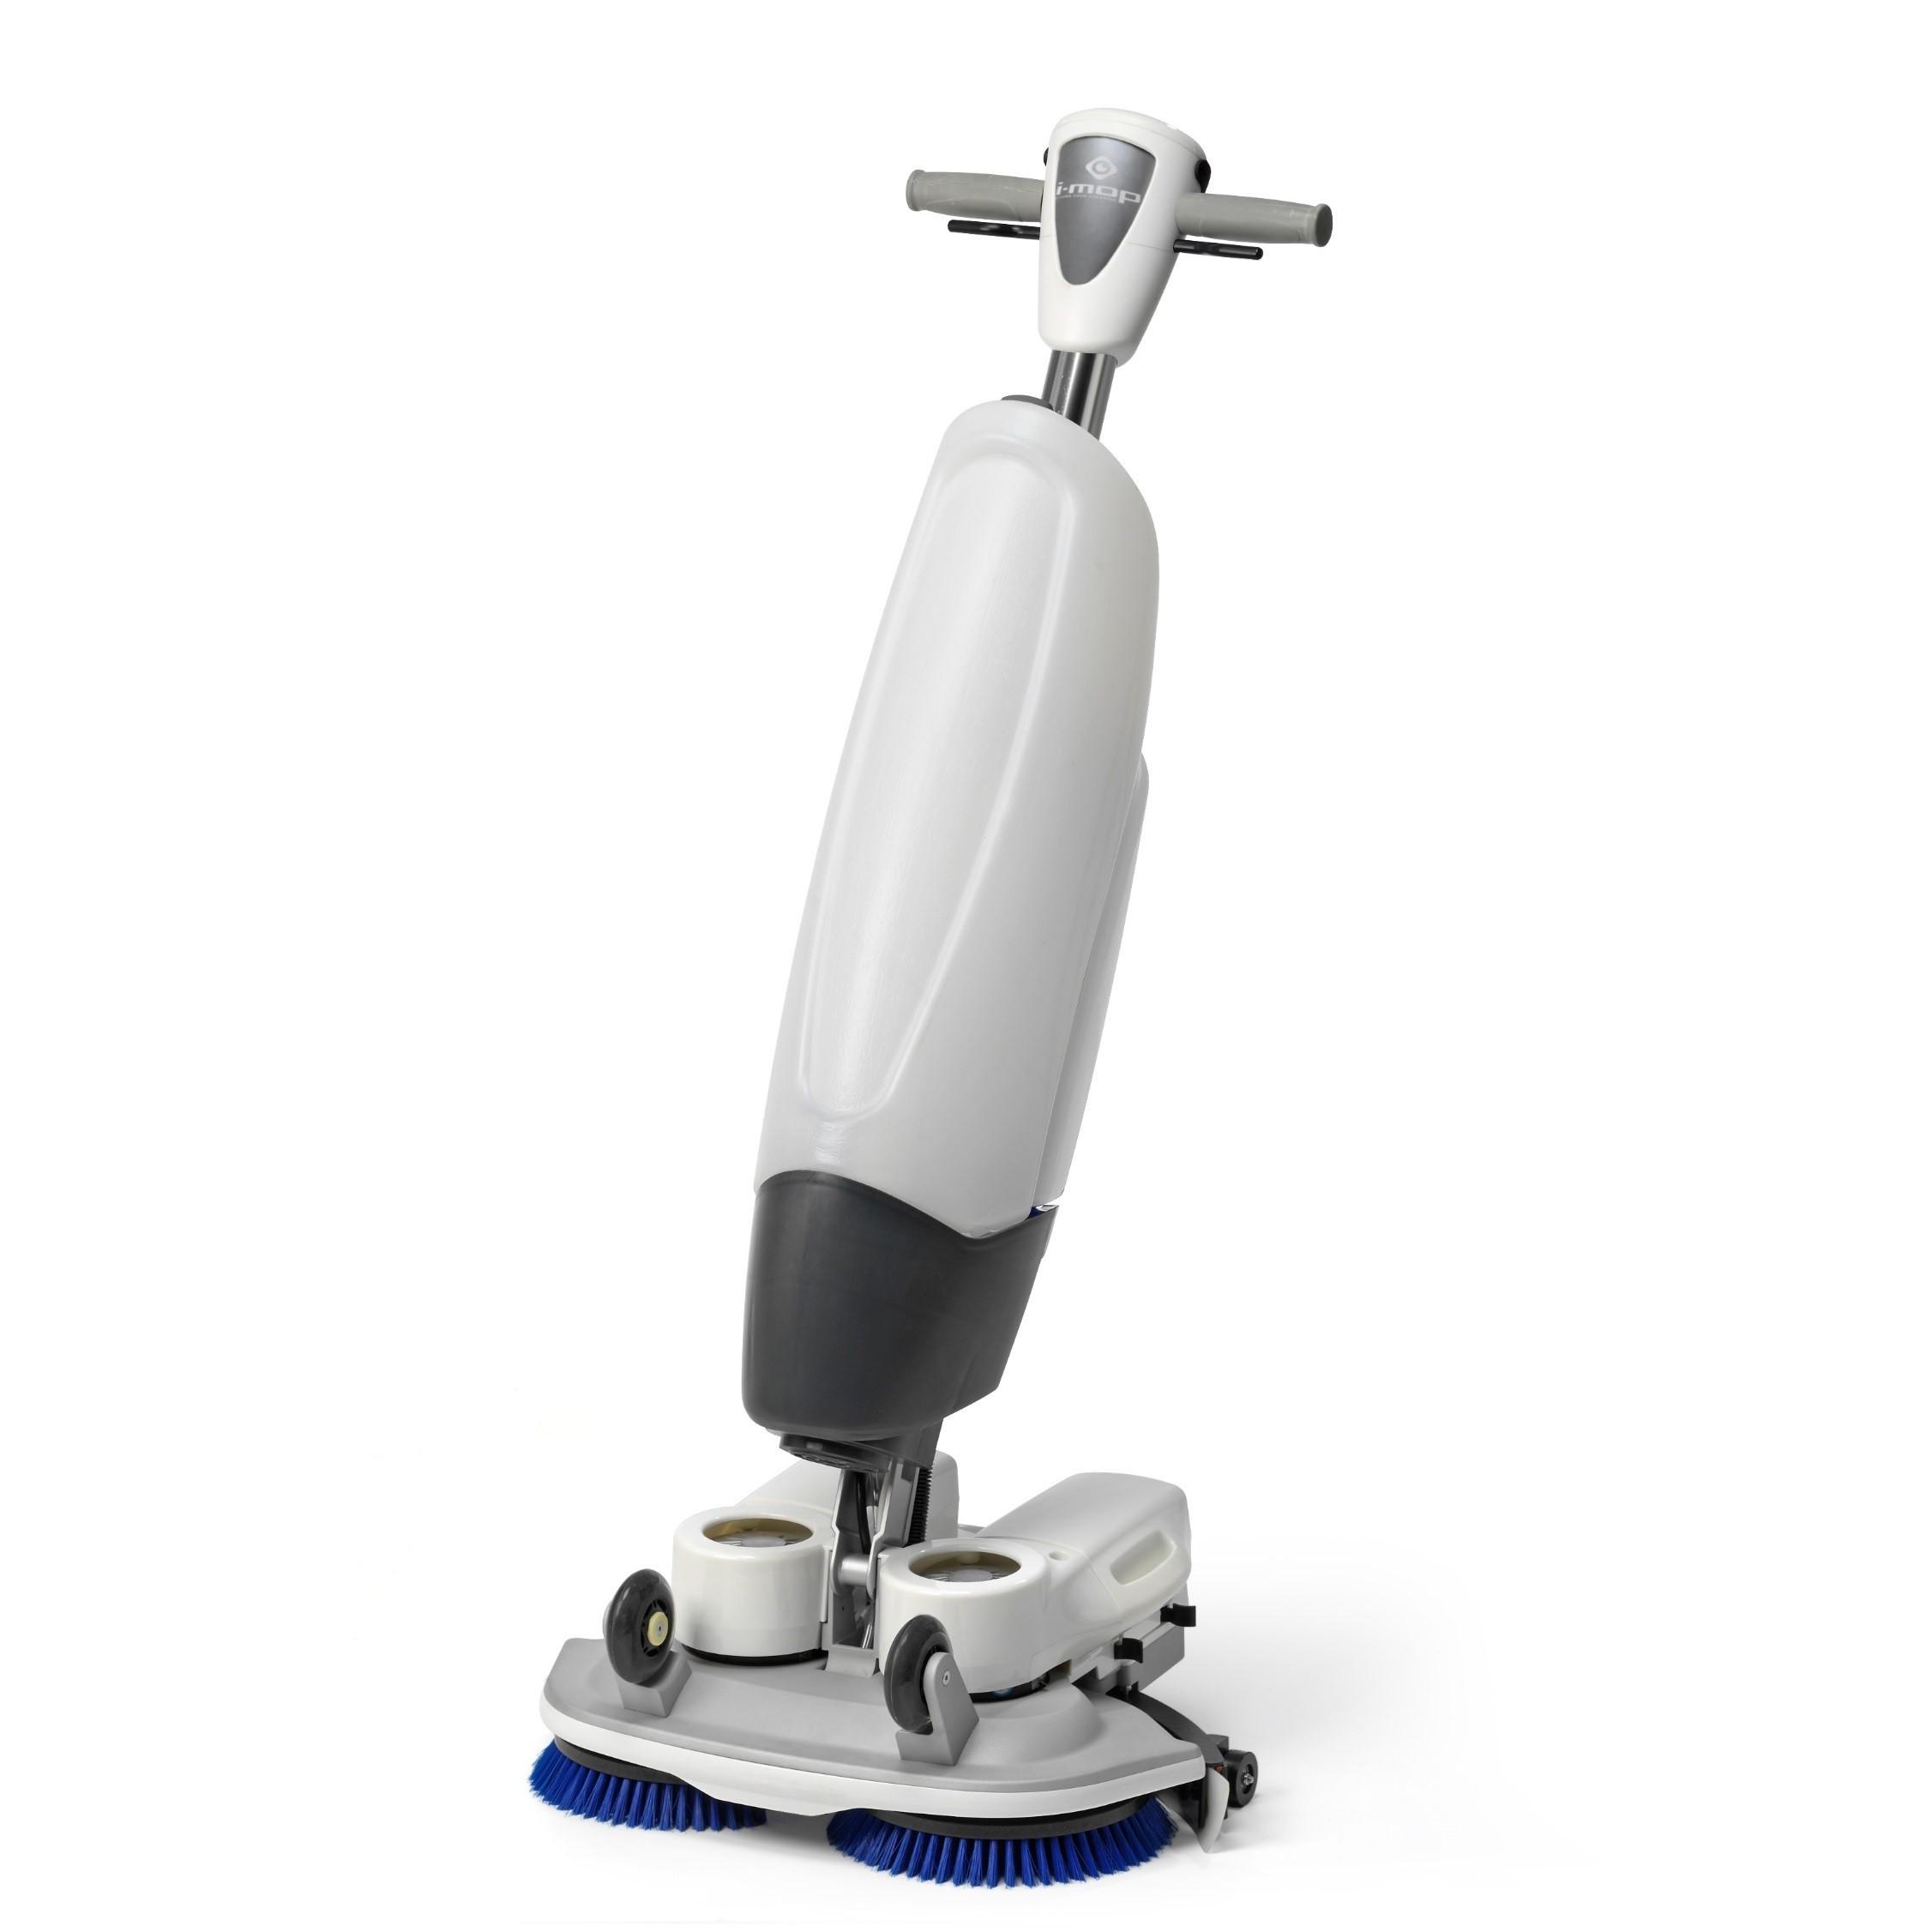 AKC I-Mop IM01 Automatic Scrubber Machine